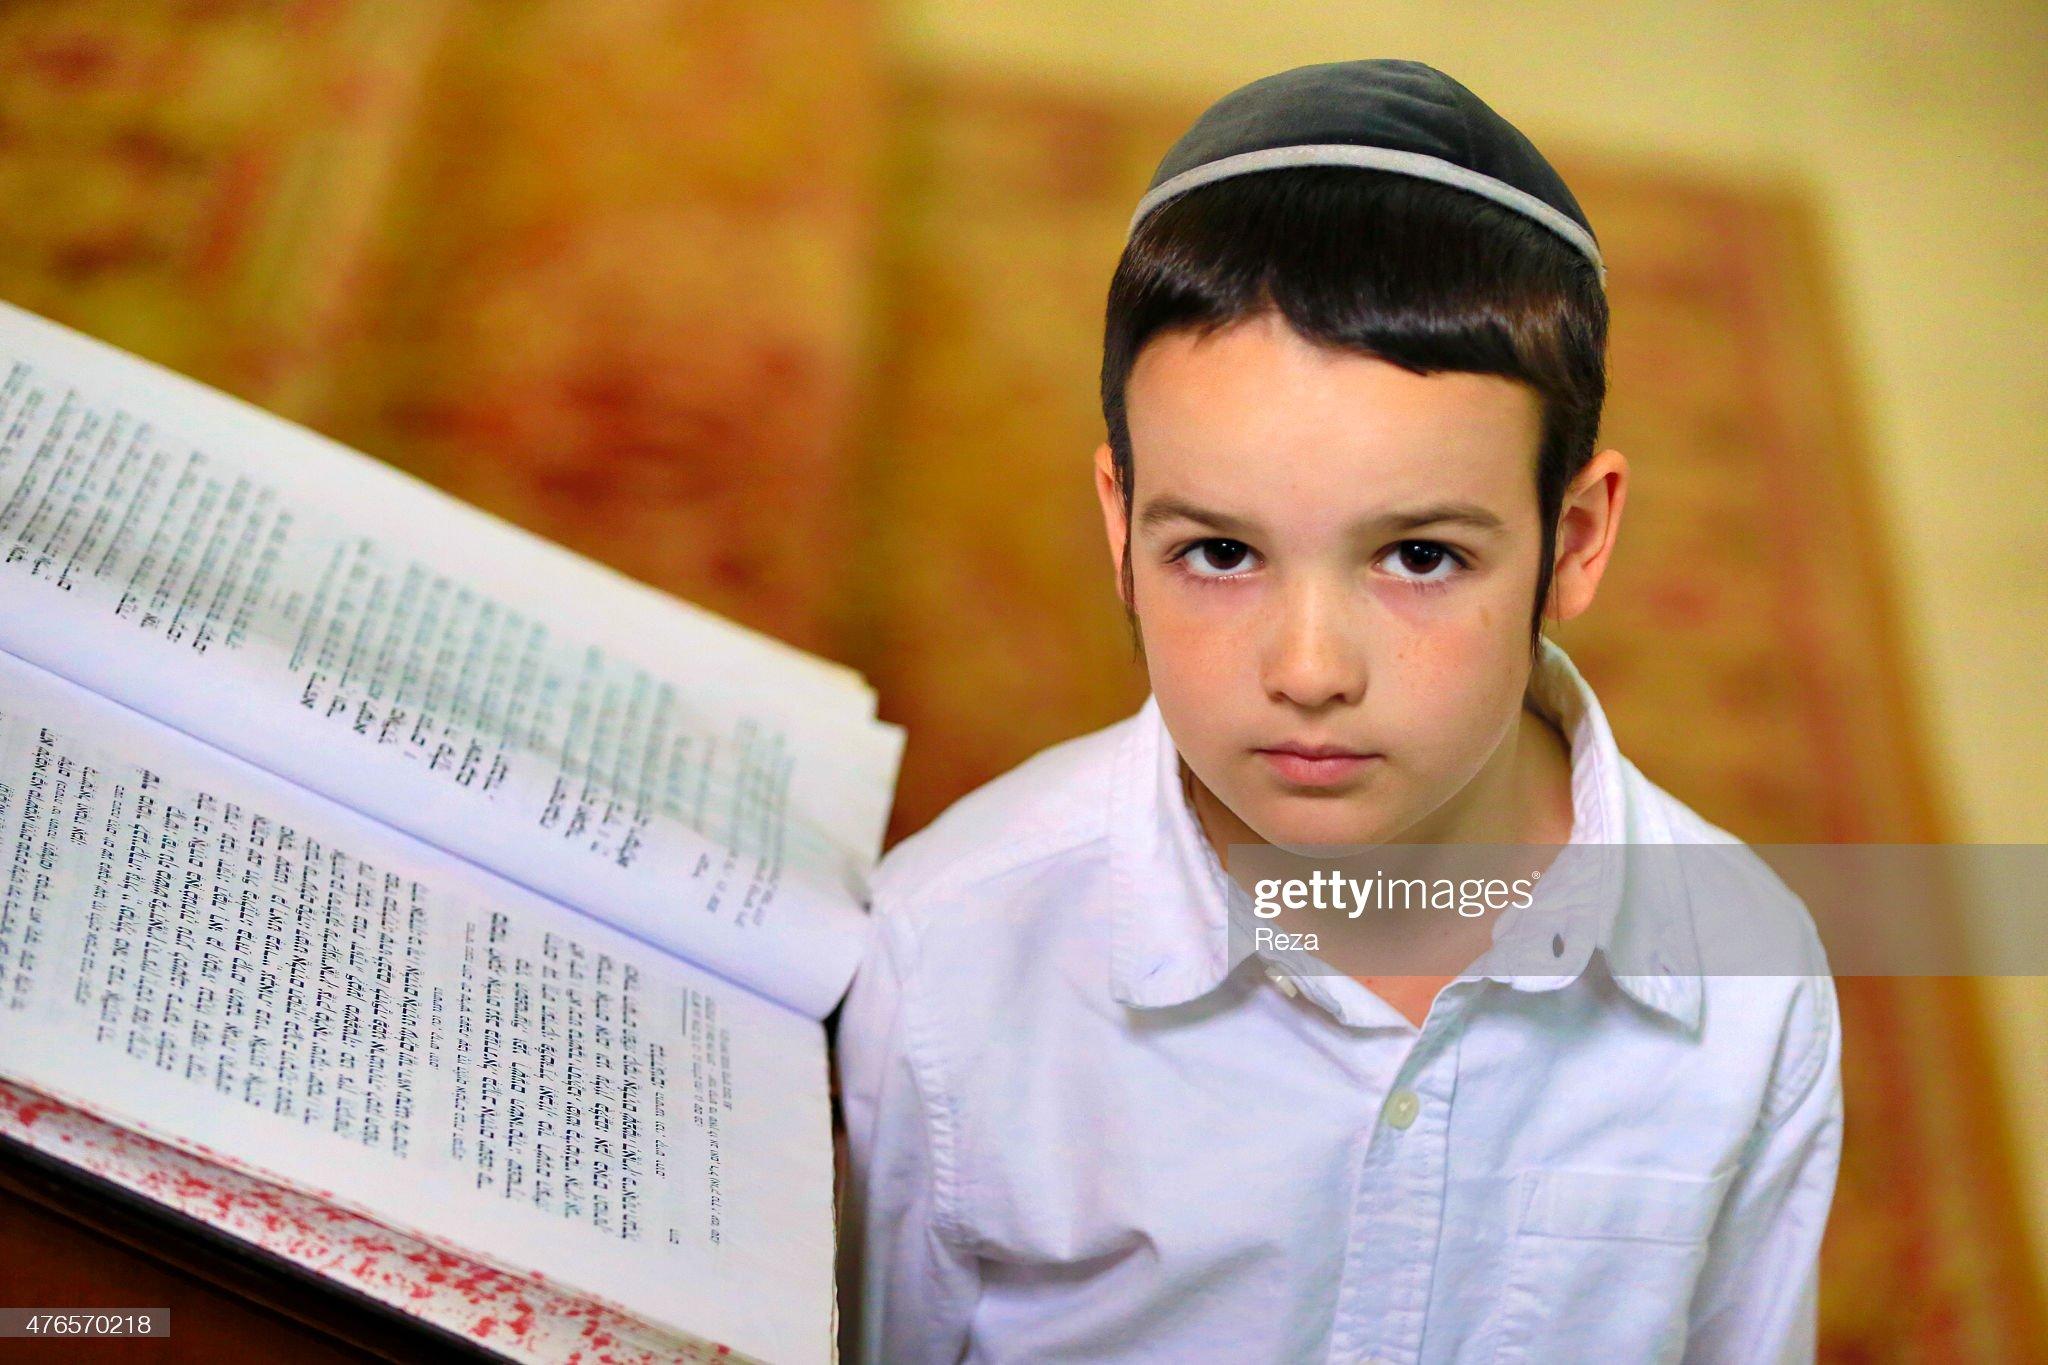 Azerbaycan Yahudileri: Haber Fotoğrafı